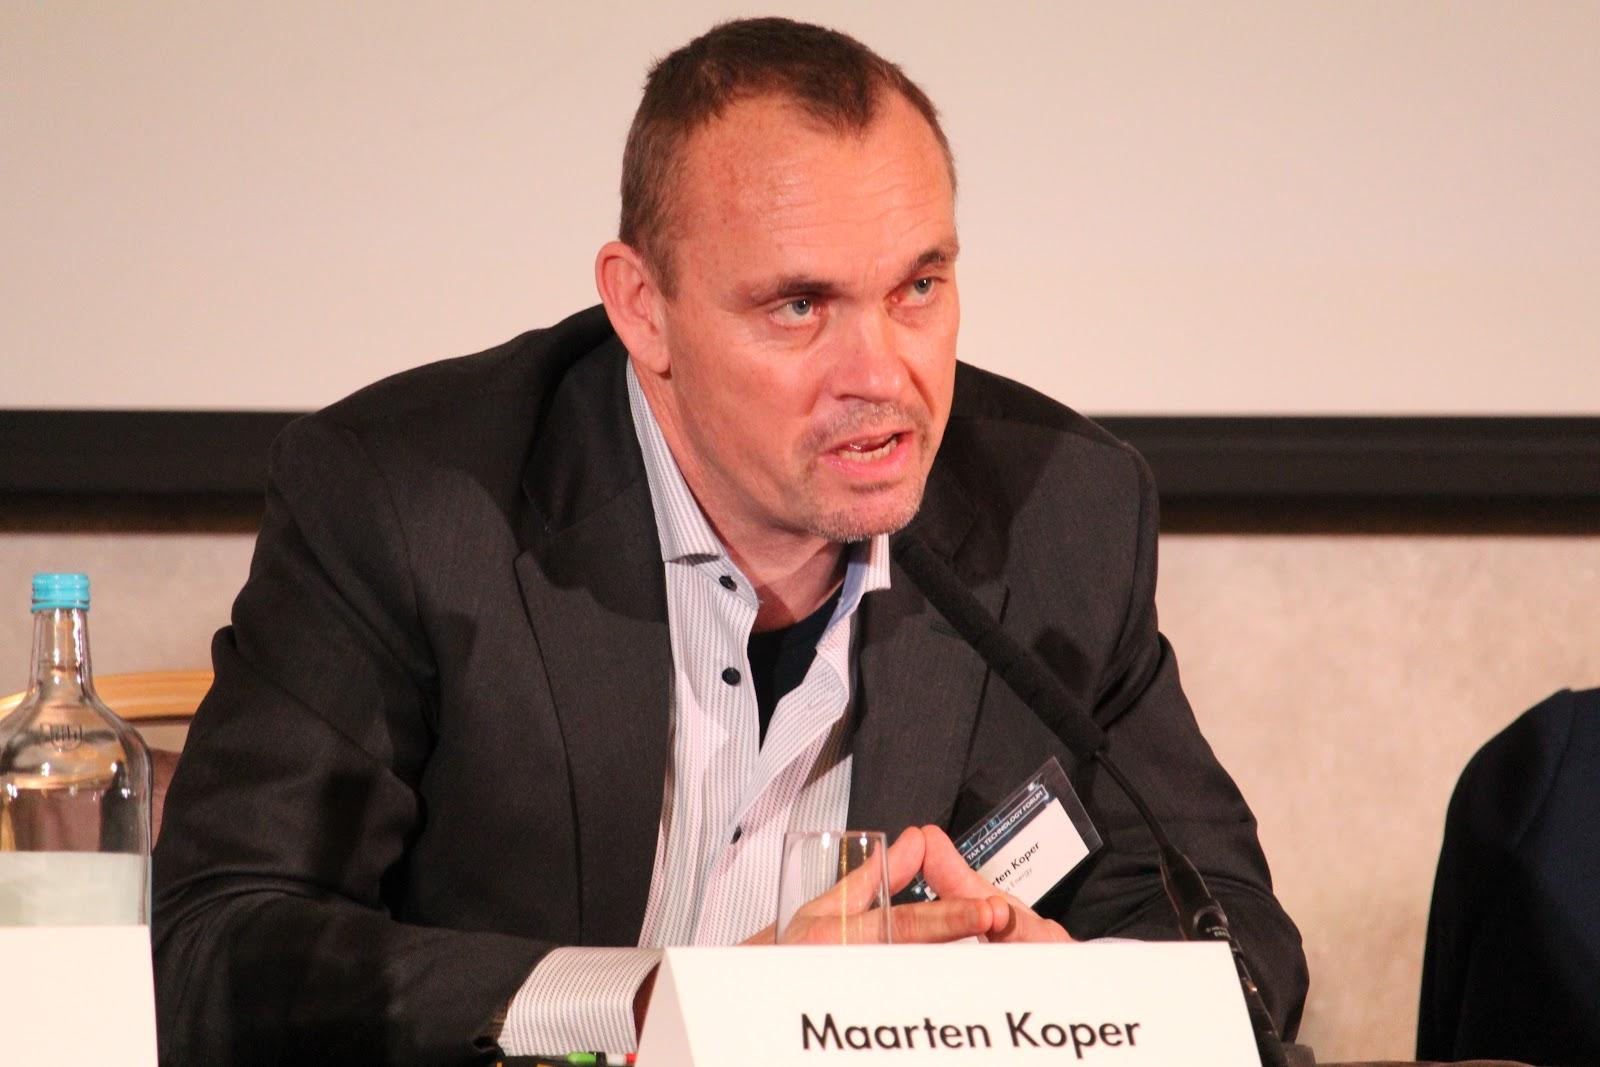 Maarten Kopper